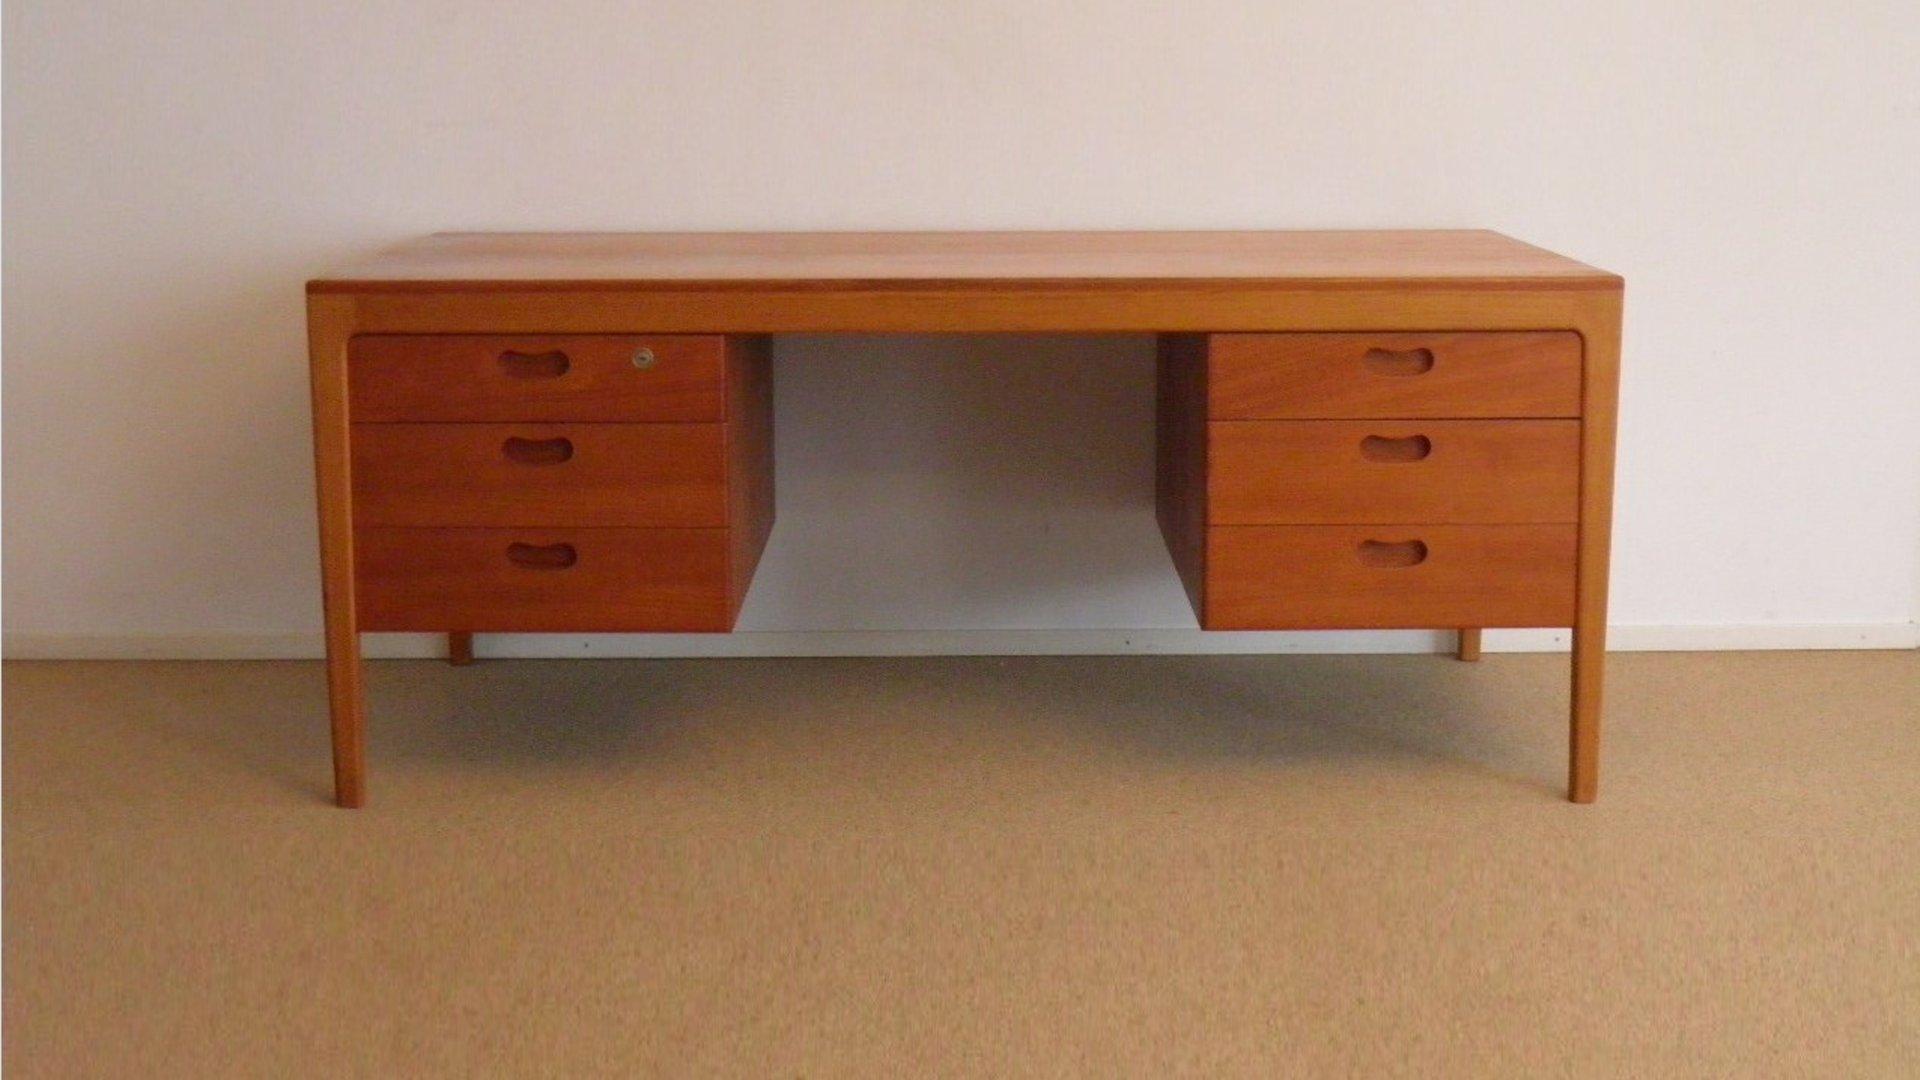 d nischer mid century schreibtisch mit schubladen 1960er bei pamono kaufen. Black Bedroom Furniture Sets. Home Design Ideas